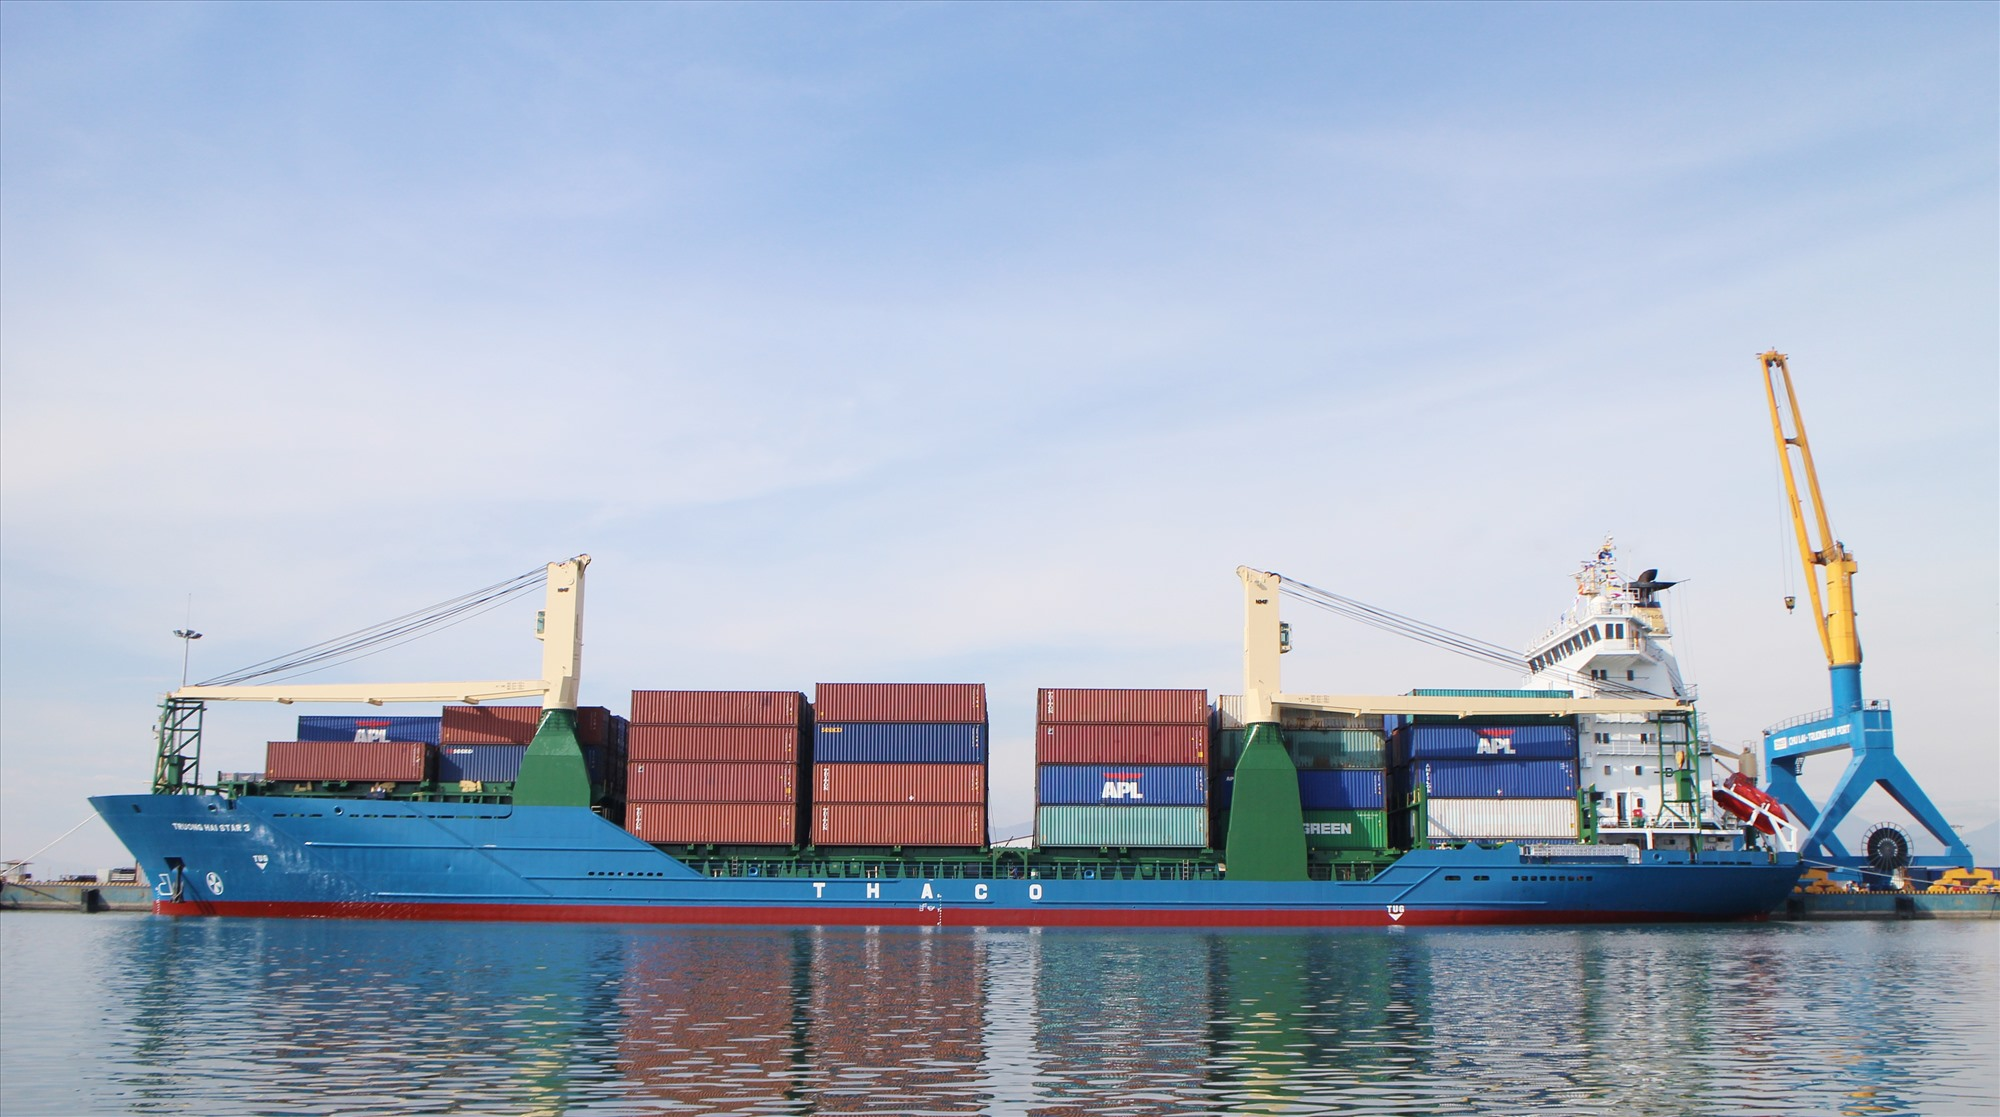 Vì mục tiêu phát triển, Quảng Nam định hướng phối hợp, kêu gọi đầu tư xây dựng cảng biển Chu Lai thành cảng loại 1 quốc gia. Ảnh: T.S